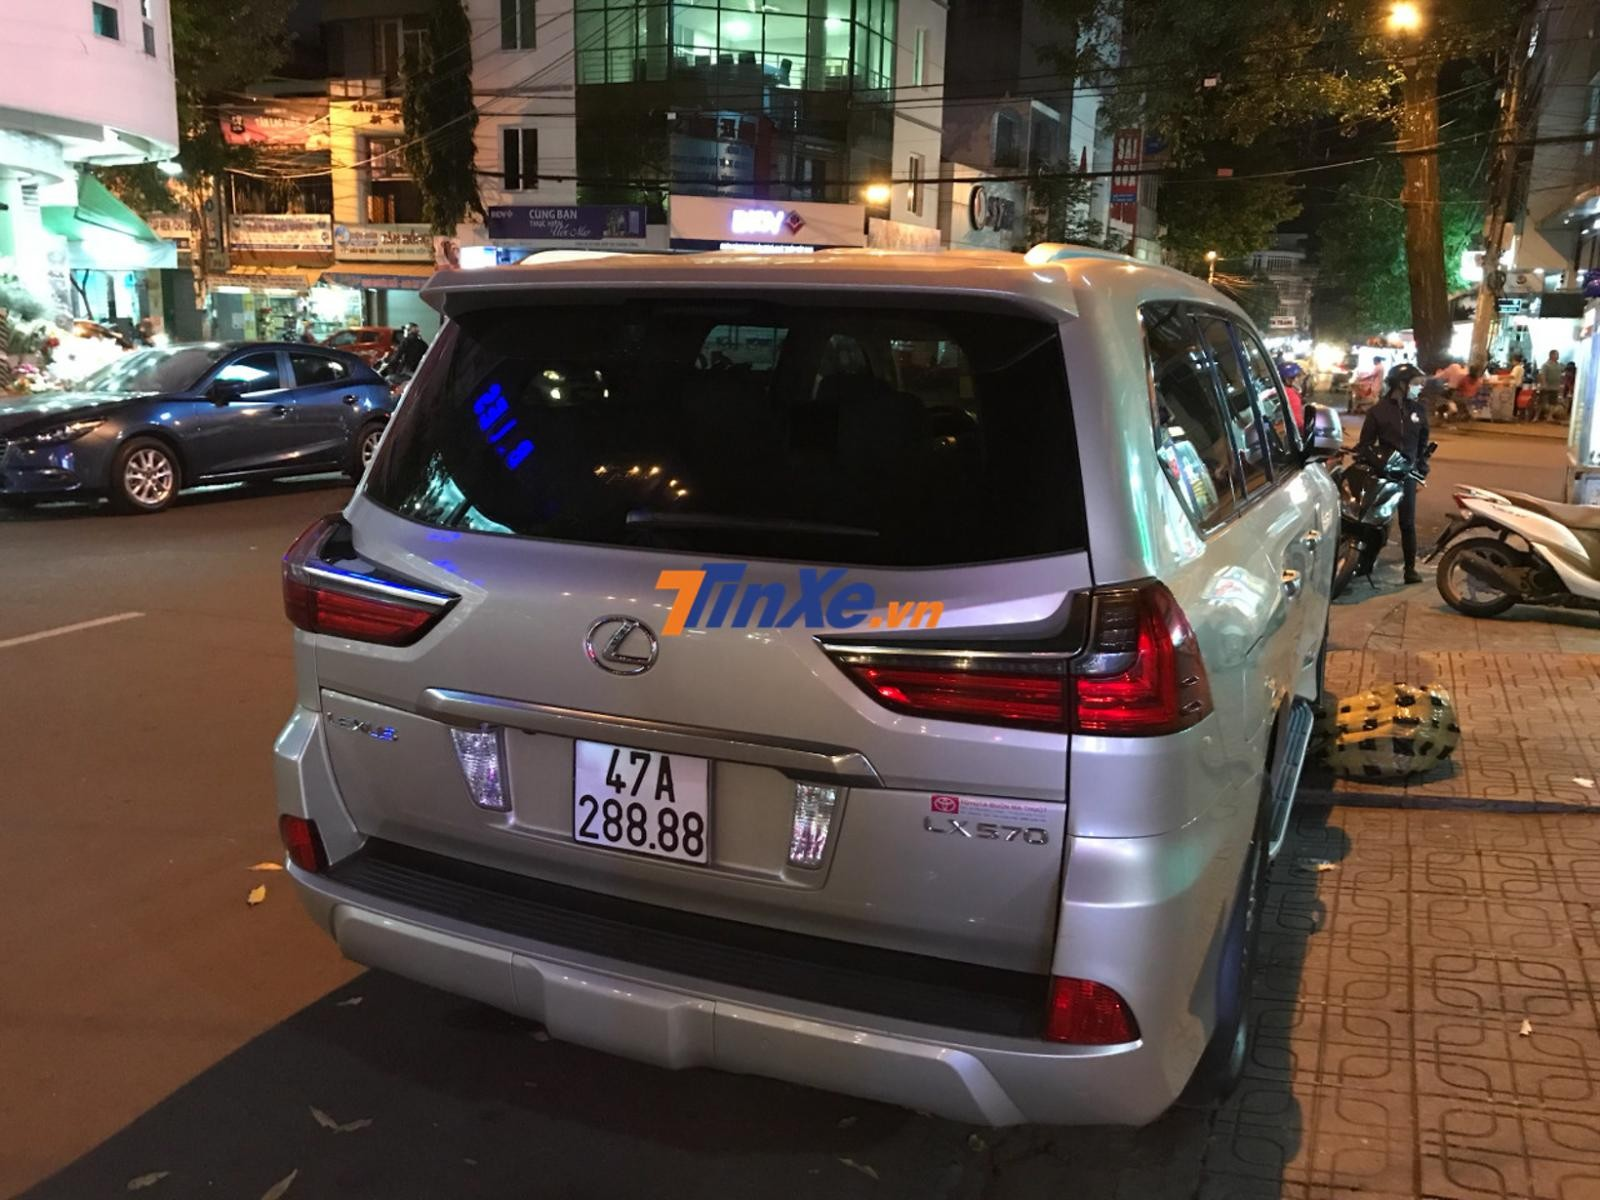 Biển số khủng của chiếc SUV hạng sang Lexus LX570 tại tỉnh Đắk Lắk